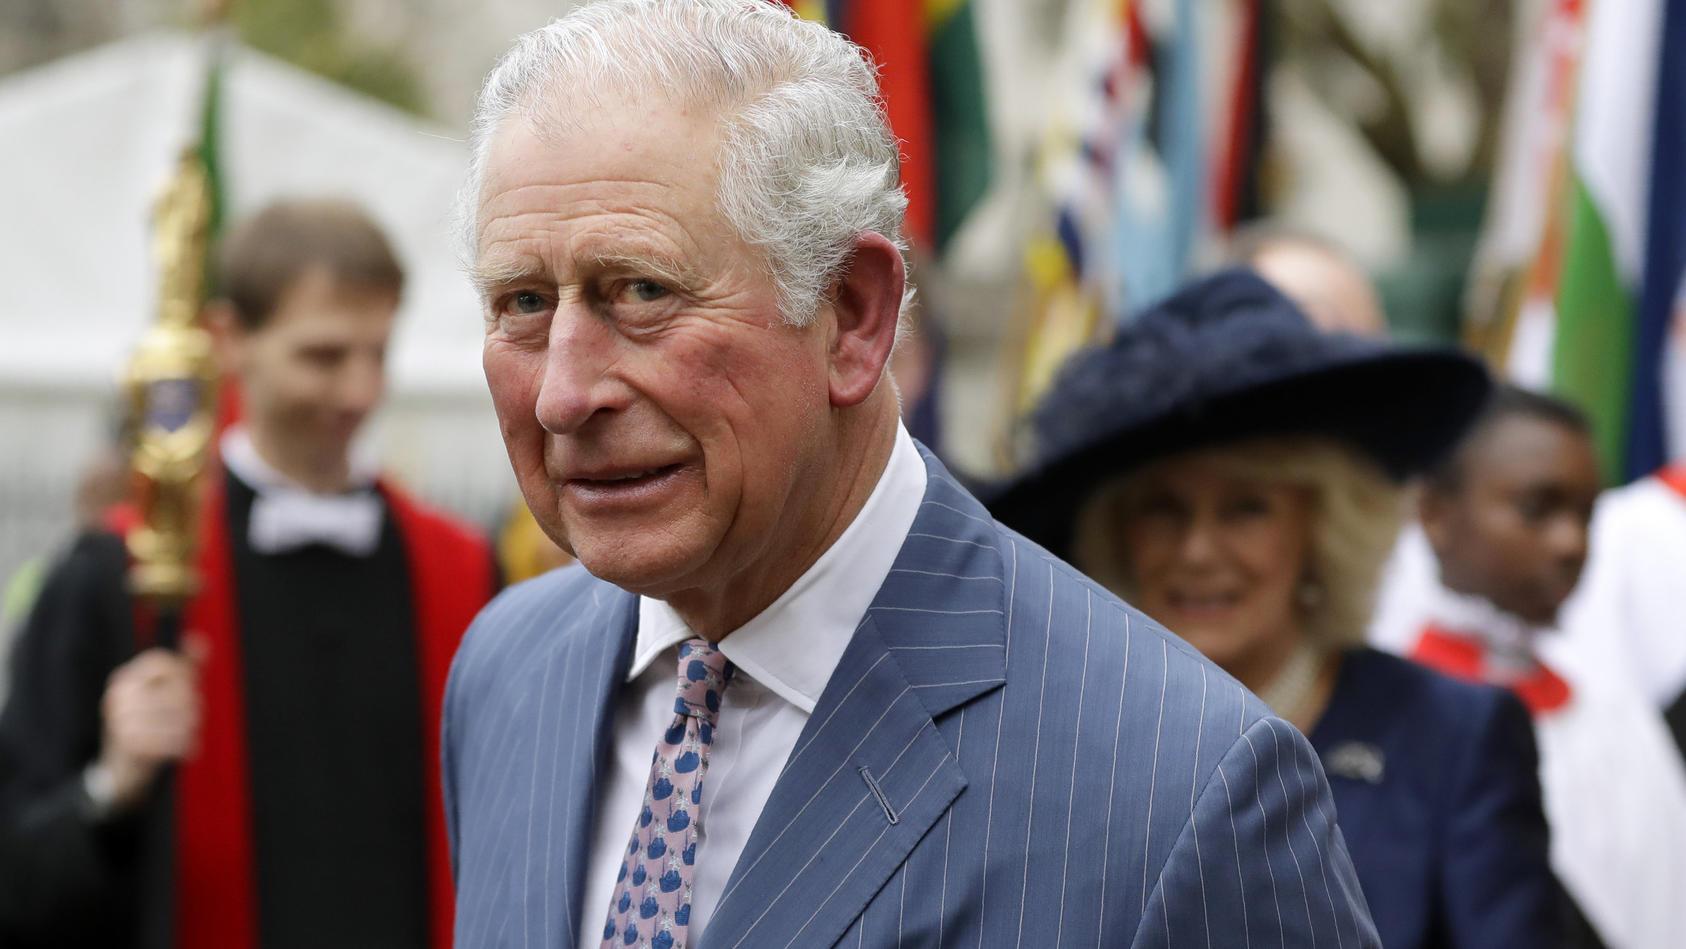 Prinz Charles hatte sich mit dem Coronavirus infiziert.